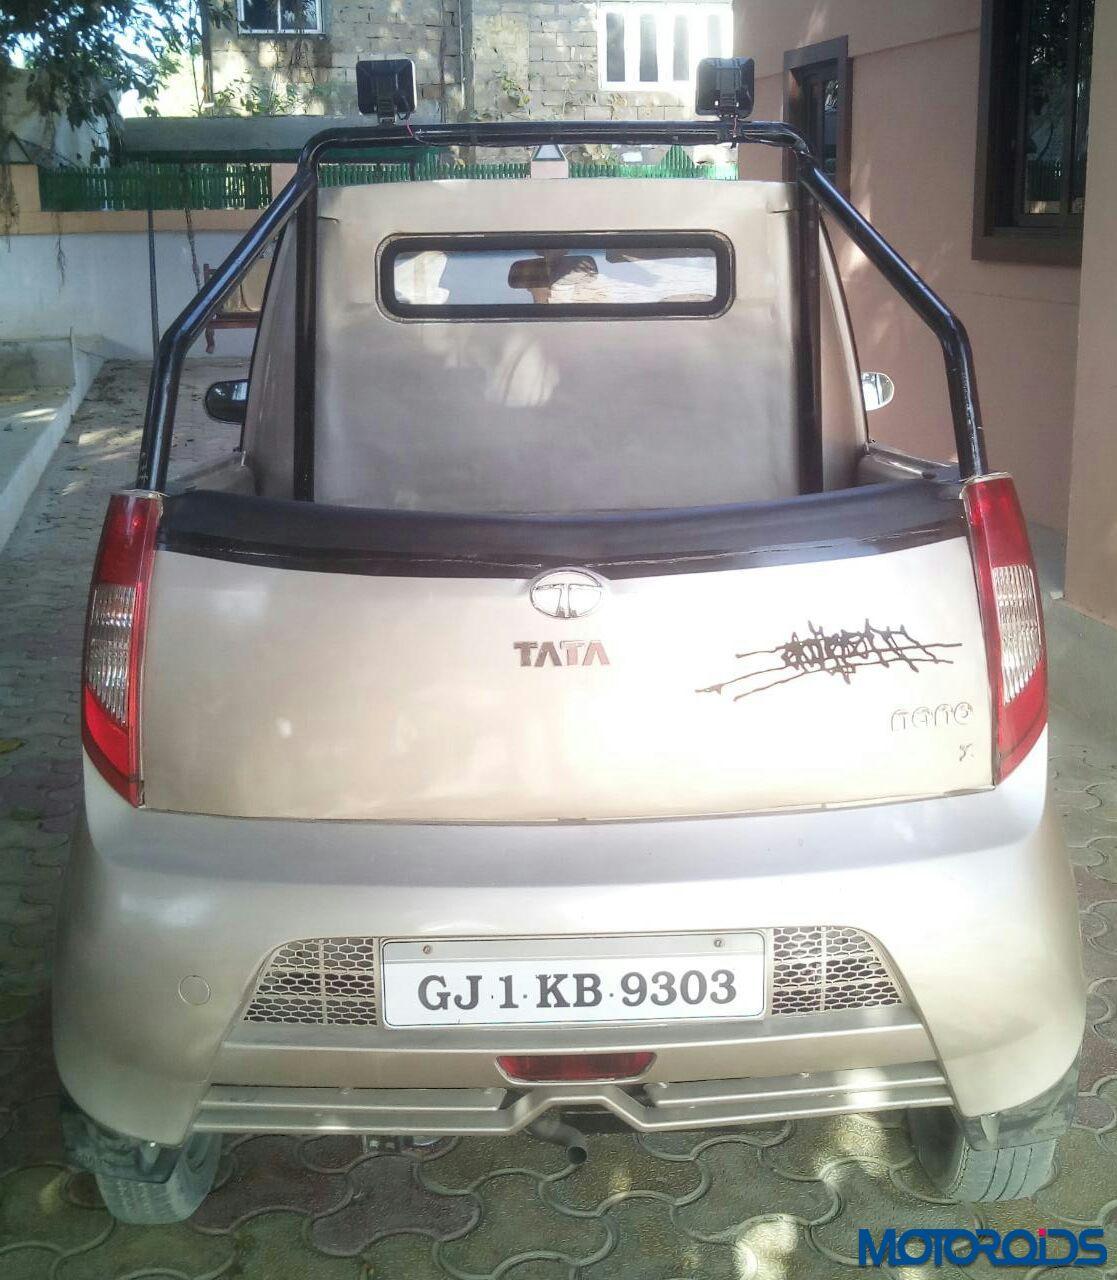 Design of tata nano car - Modified Tata Nano Pick Up 1